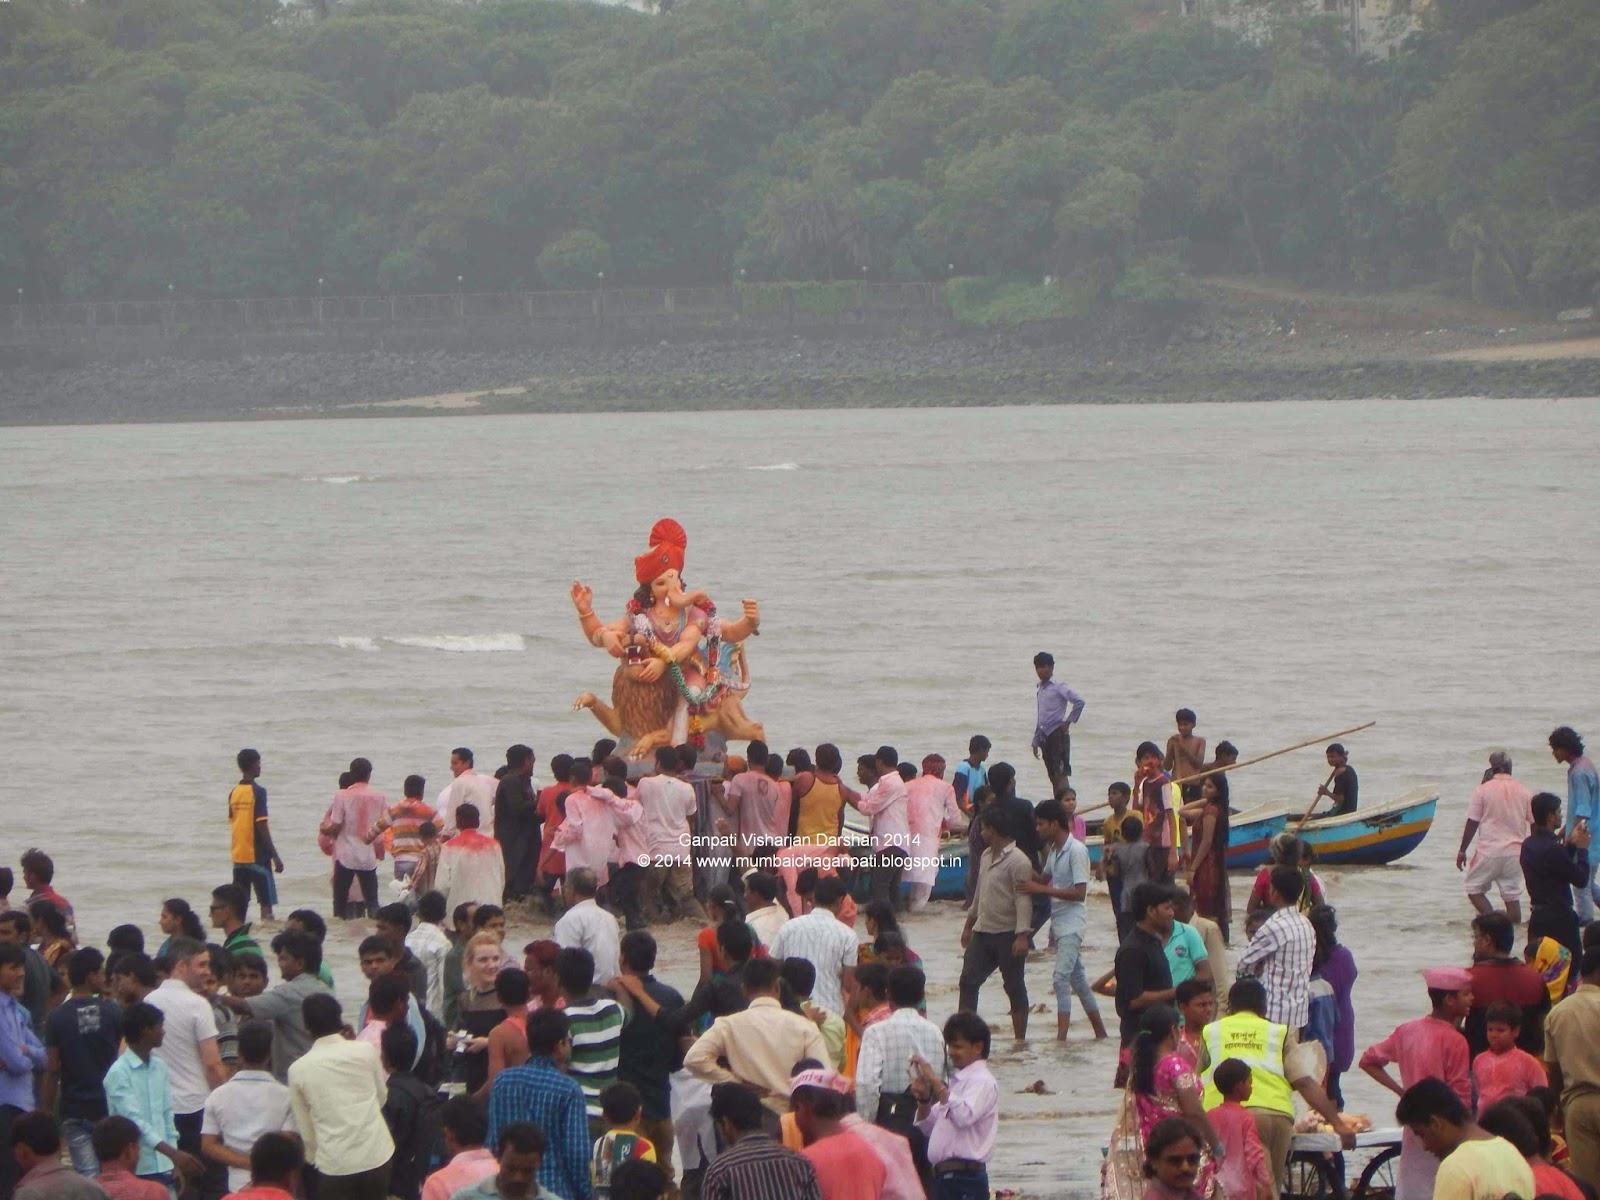 Ganpati Visarjan Darshan